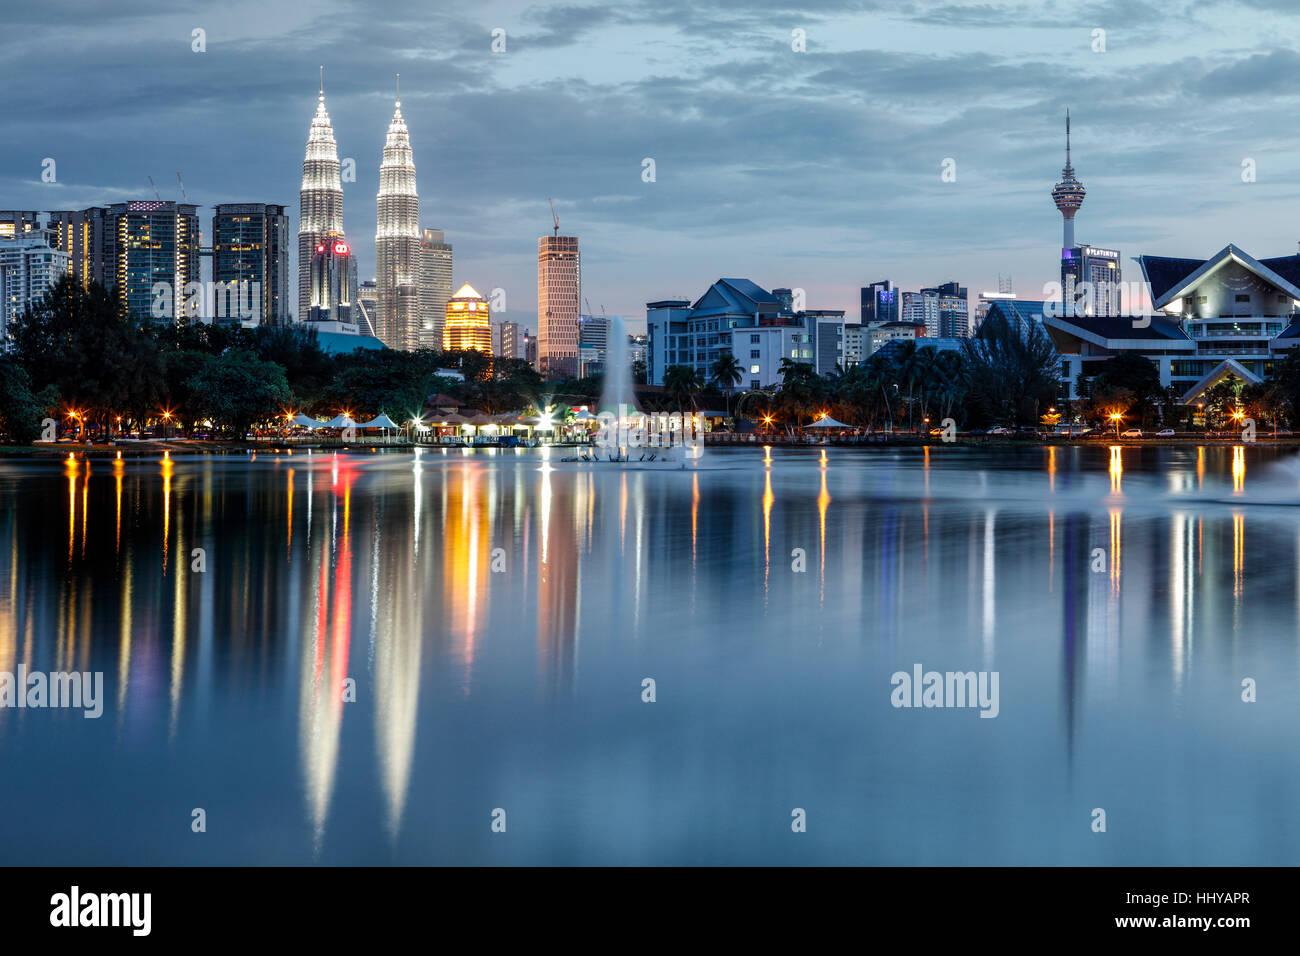 The Kuala Lumpur skyline at dusk. - Stock Image